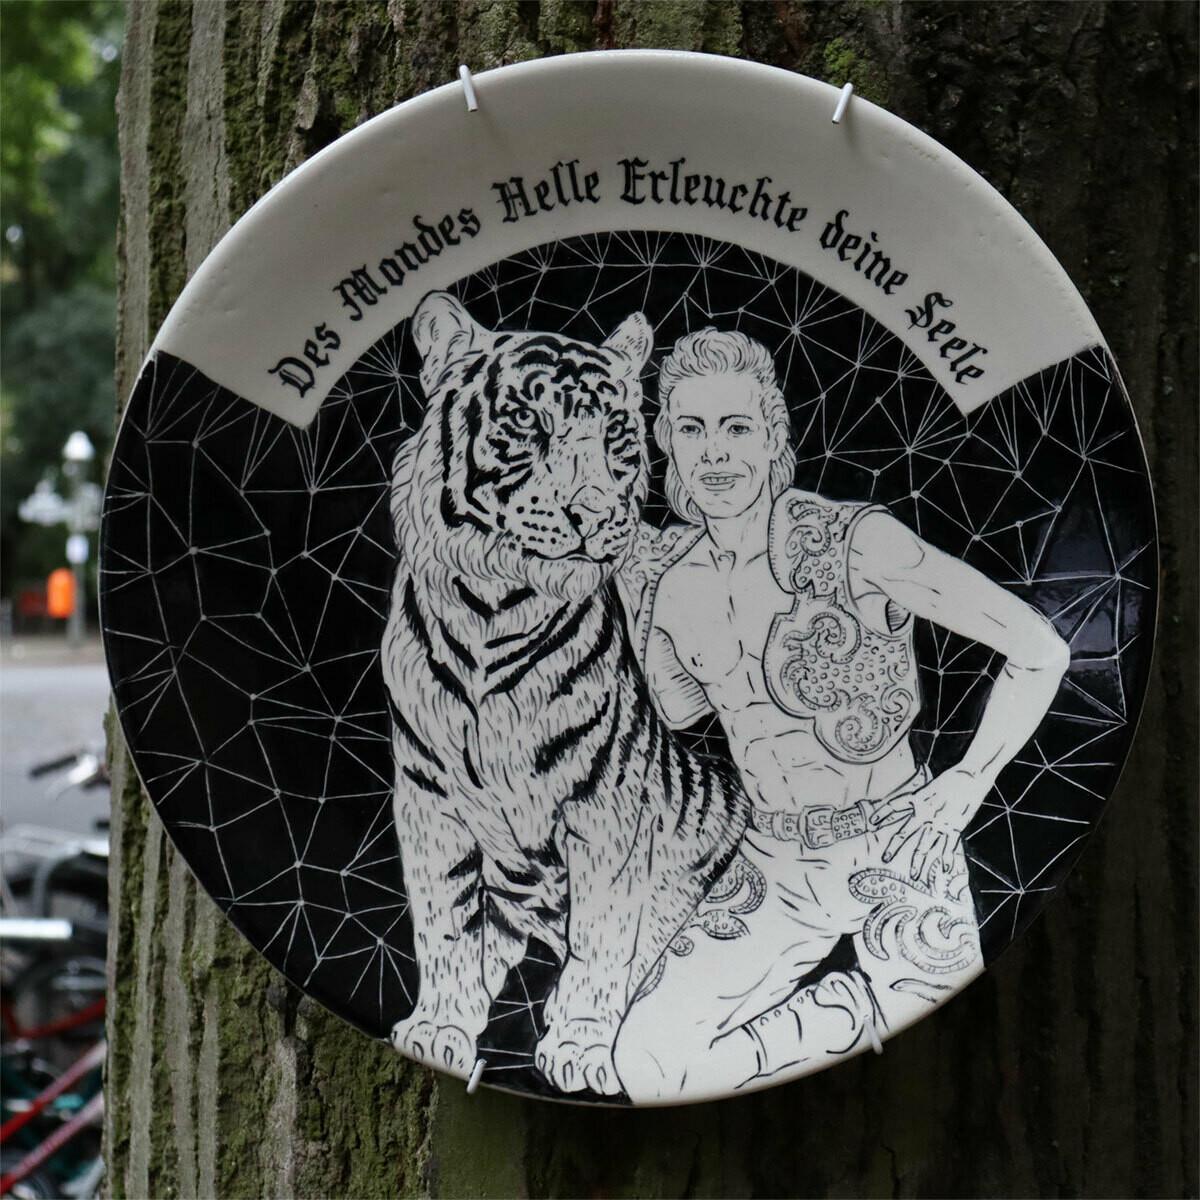 Animals & Mankind, Tamara Trölsch, handgefertigter Keramikteller, versch. Motive, 25 cm Durchmesser, 2019